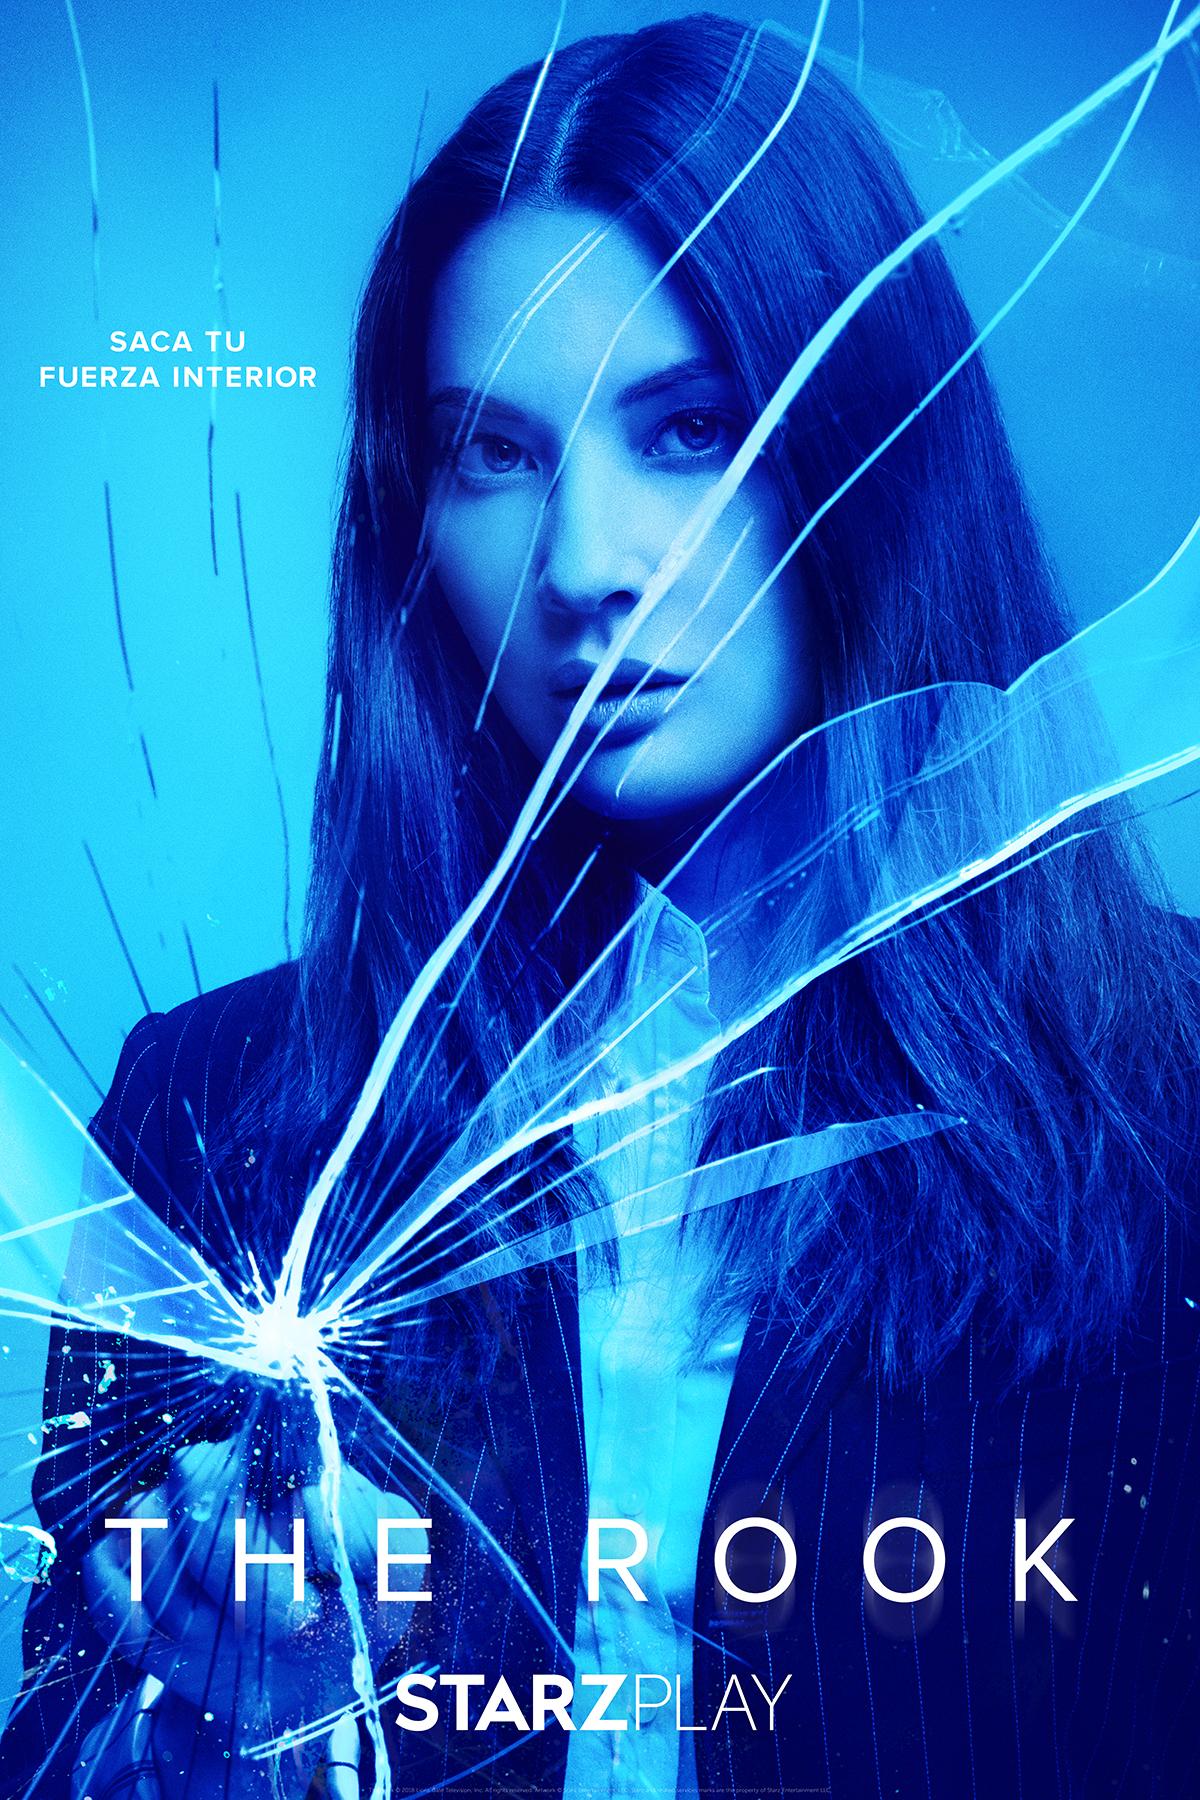 """Starzplay lanza el trailer de su nueva serie """"THE ROOK"""""""